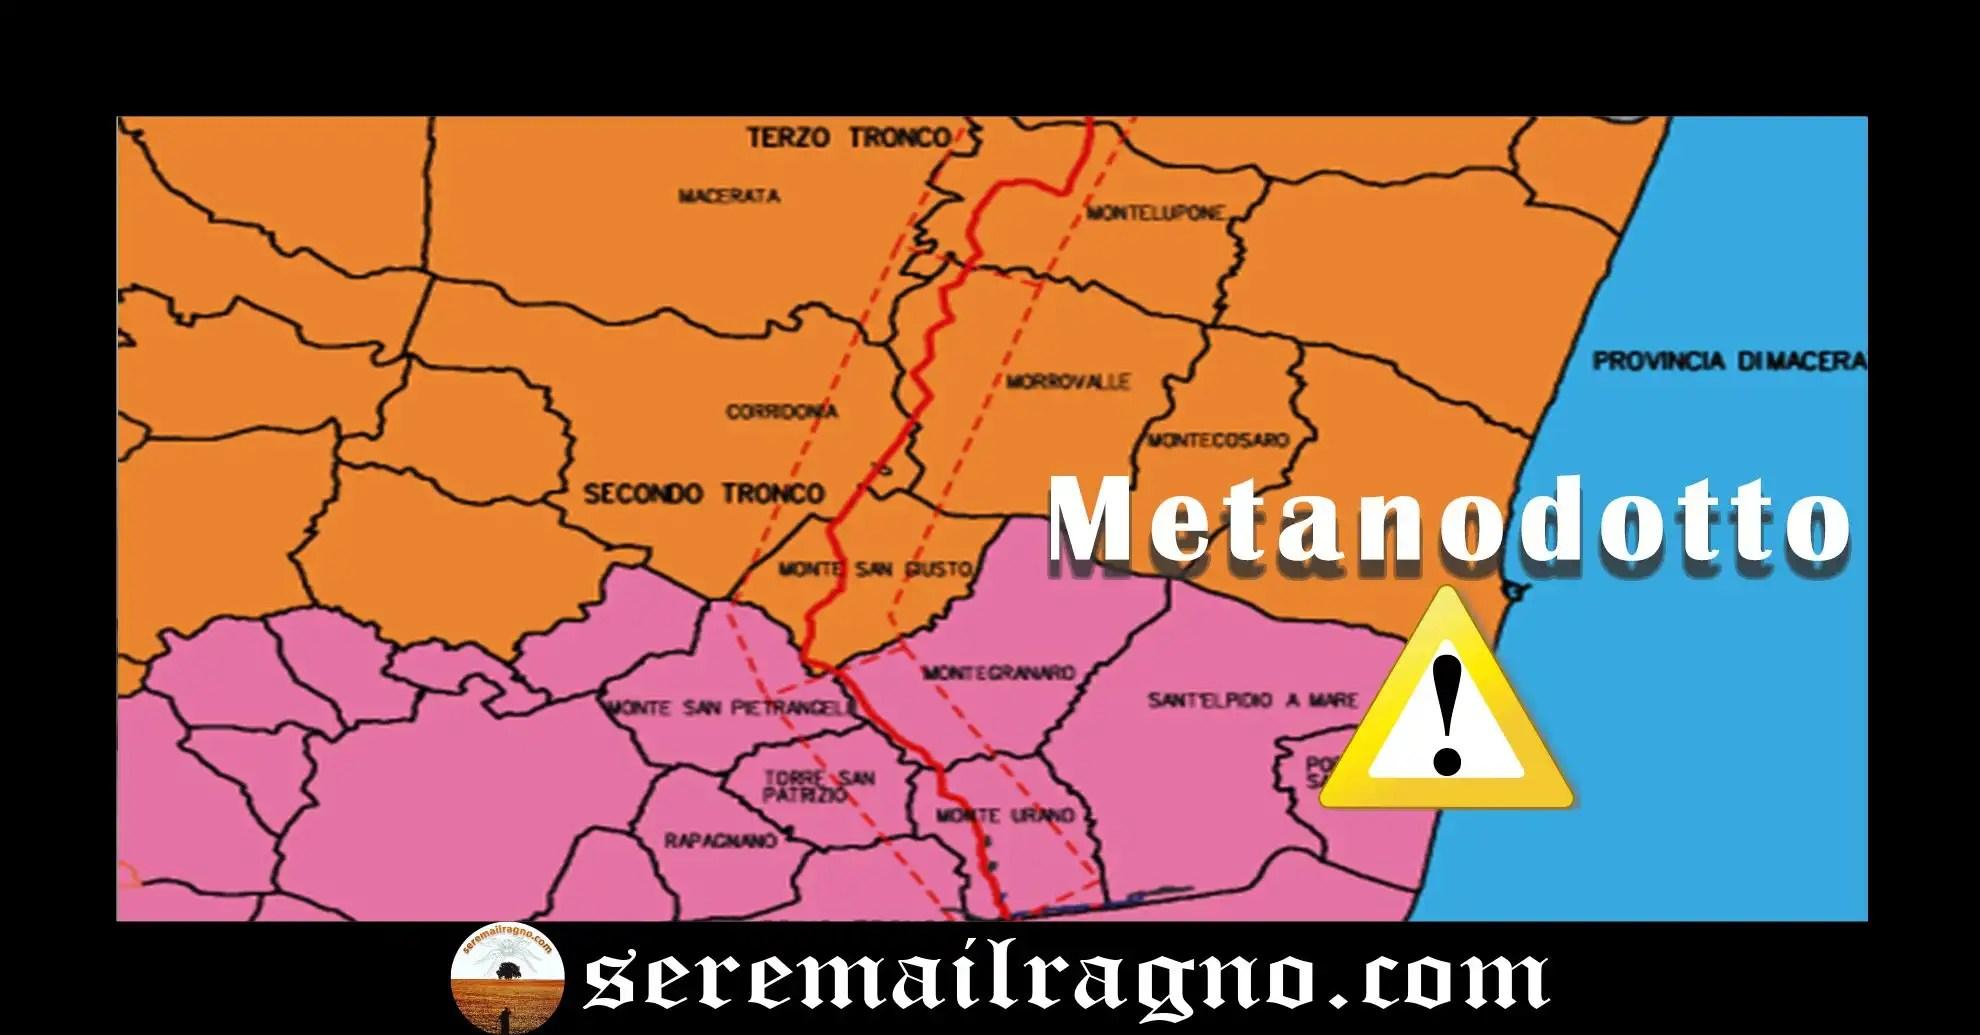 Metanodotto San Marco-Recanati: 34 Km di metano sotto il deretano